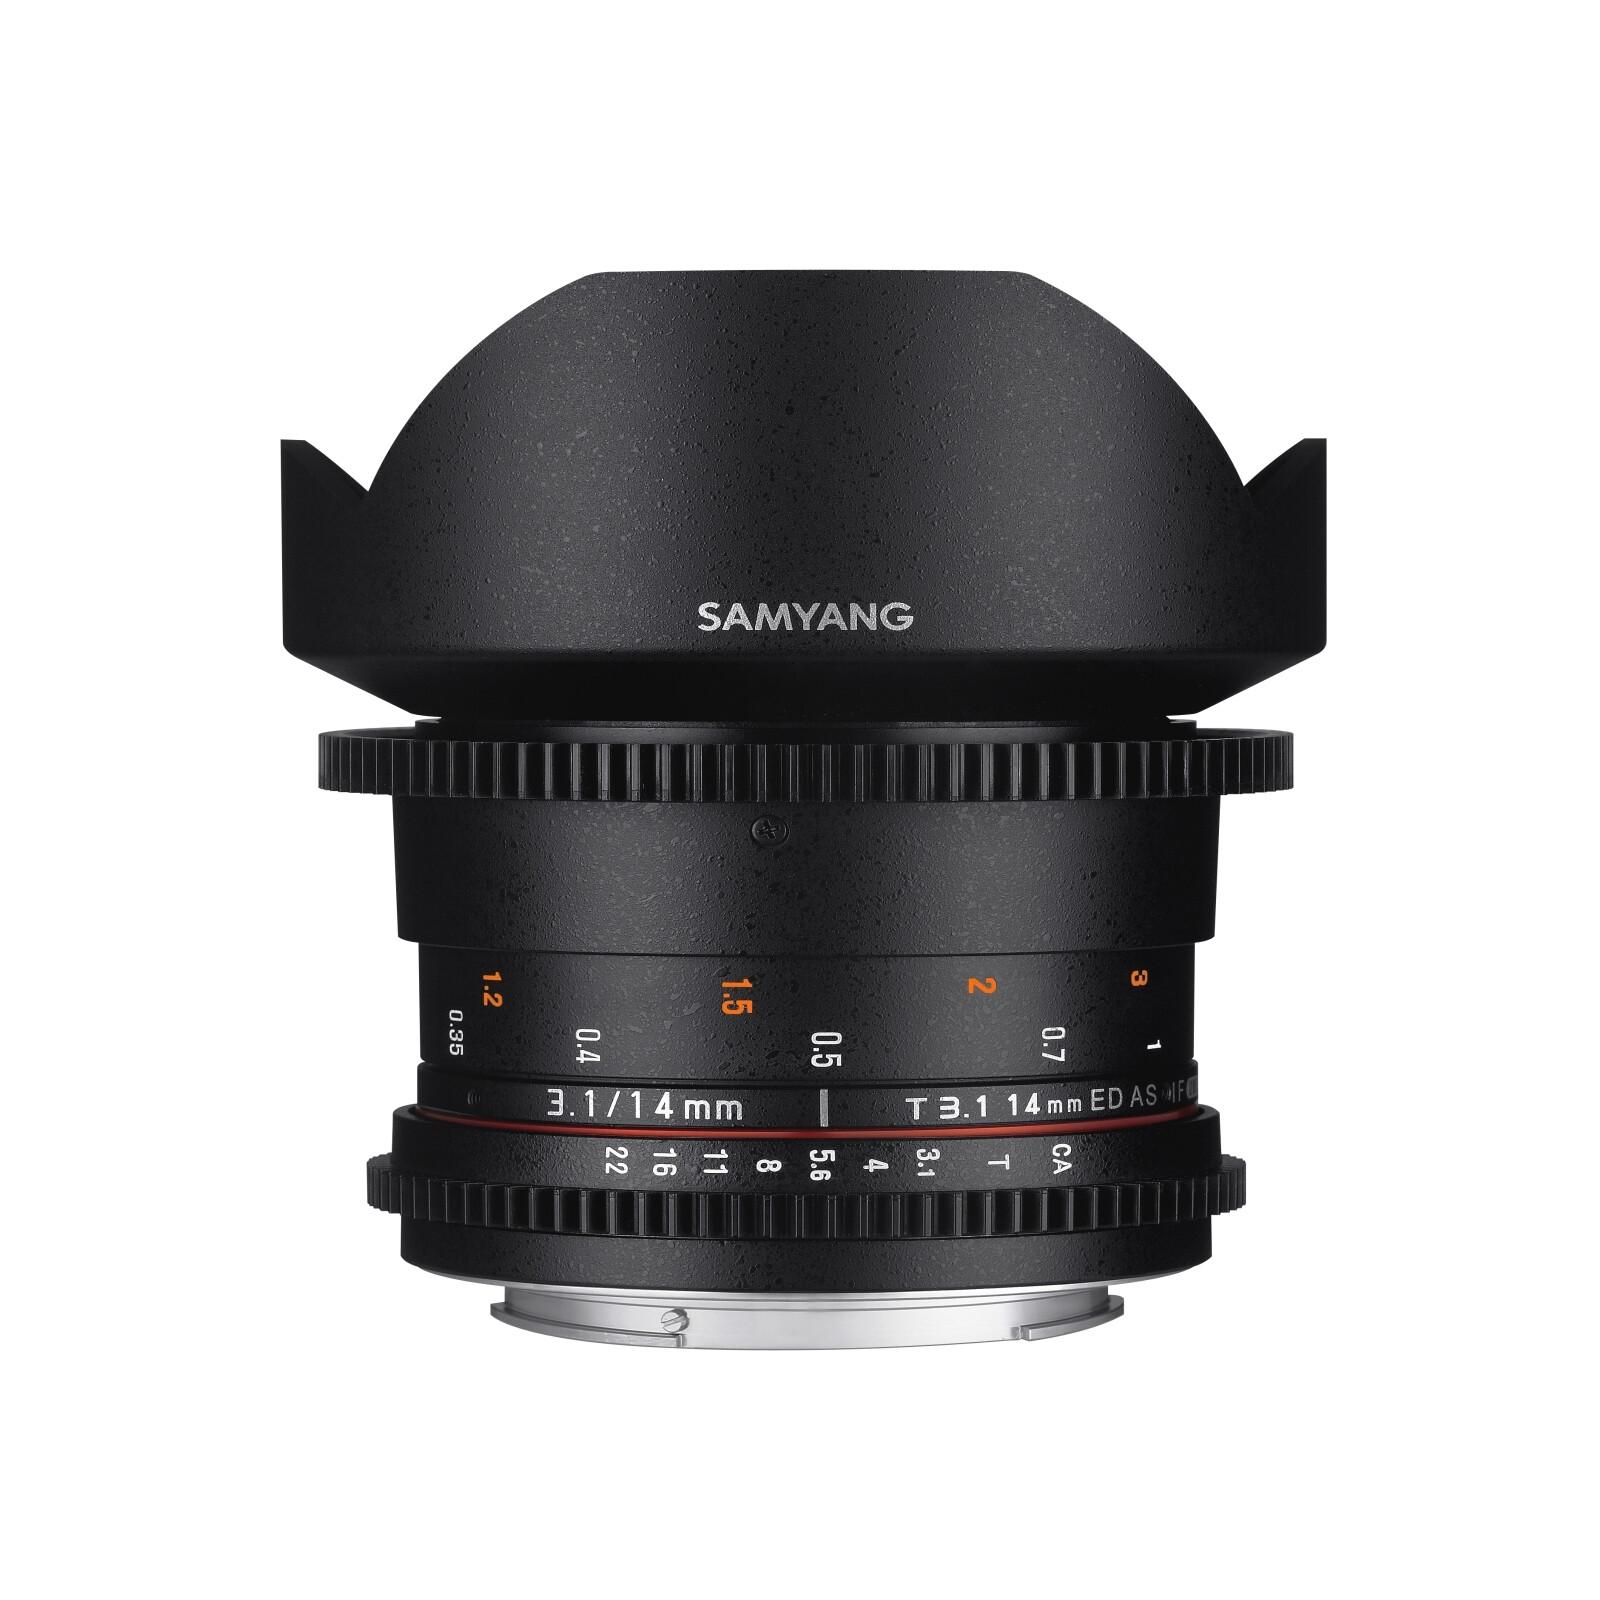 Samyang MF 14/3,1 Video DSLR II Nikon F